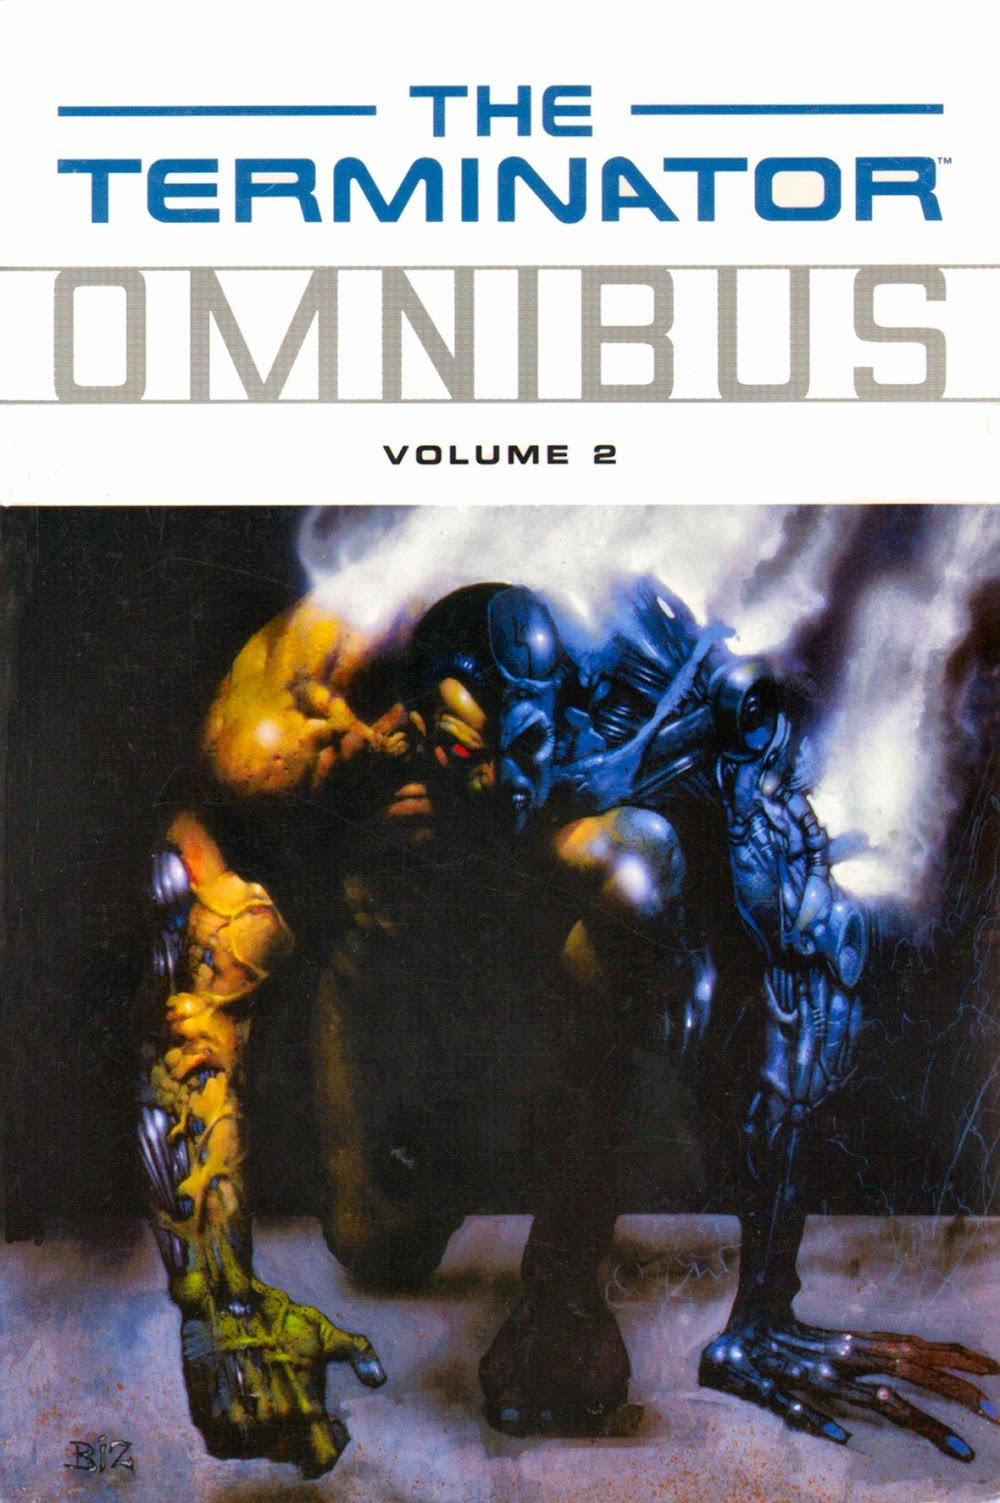 The Terminator Omnibus Vol.2 (2008)